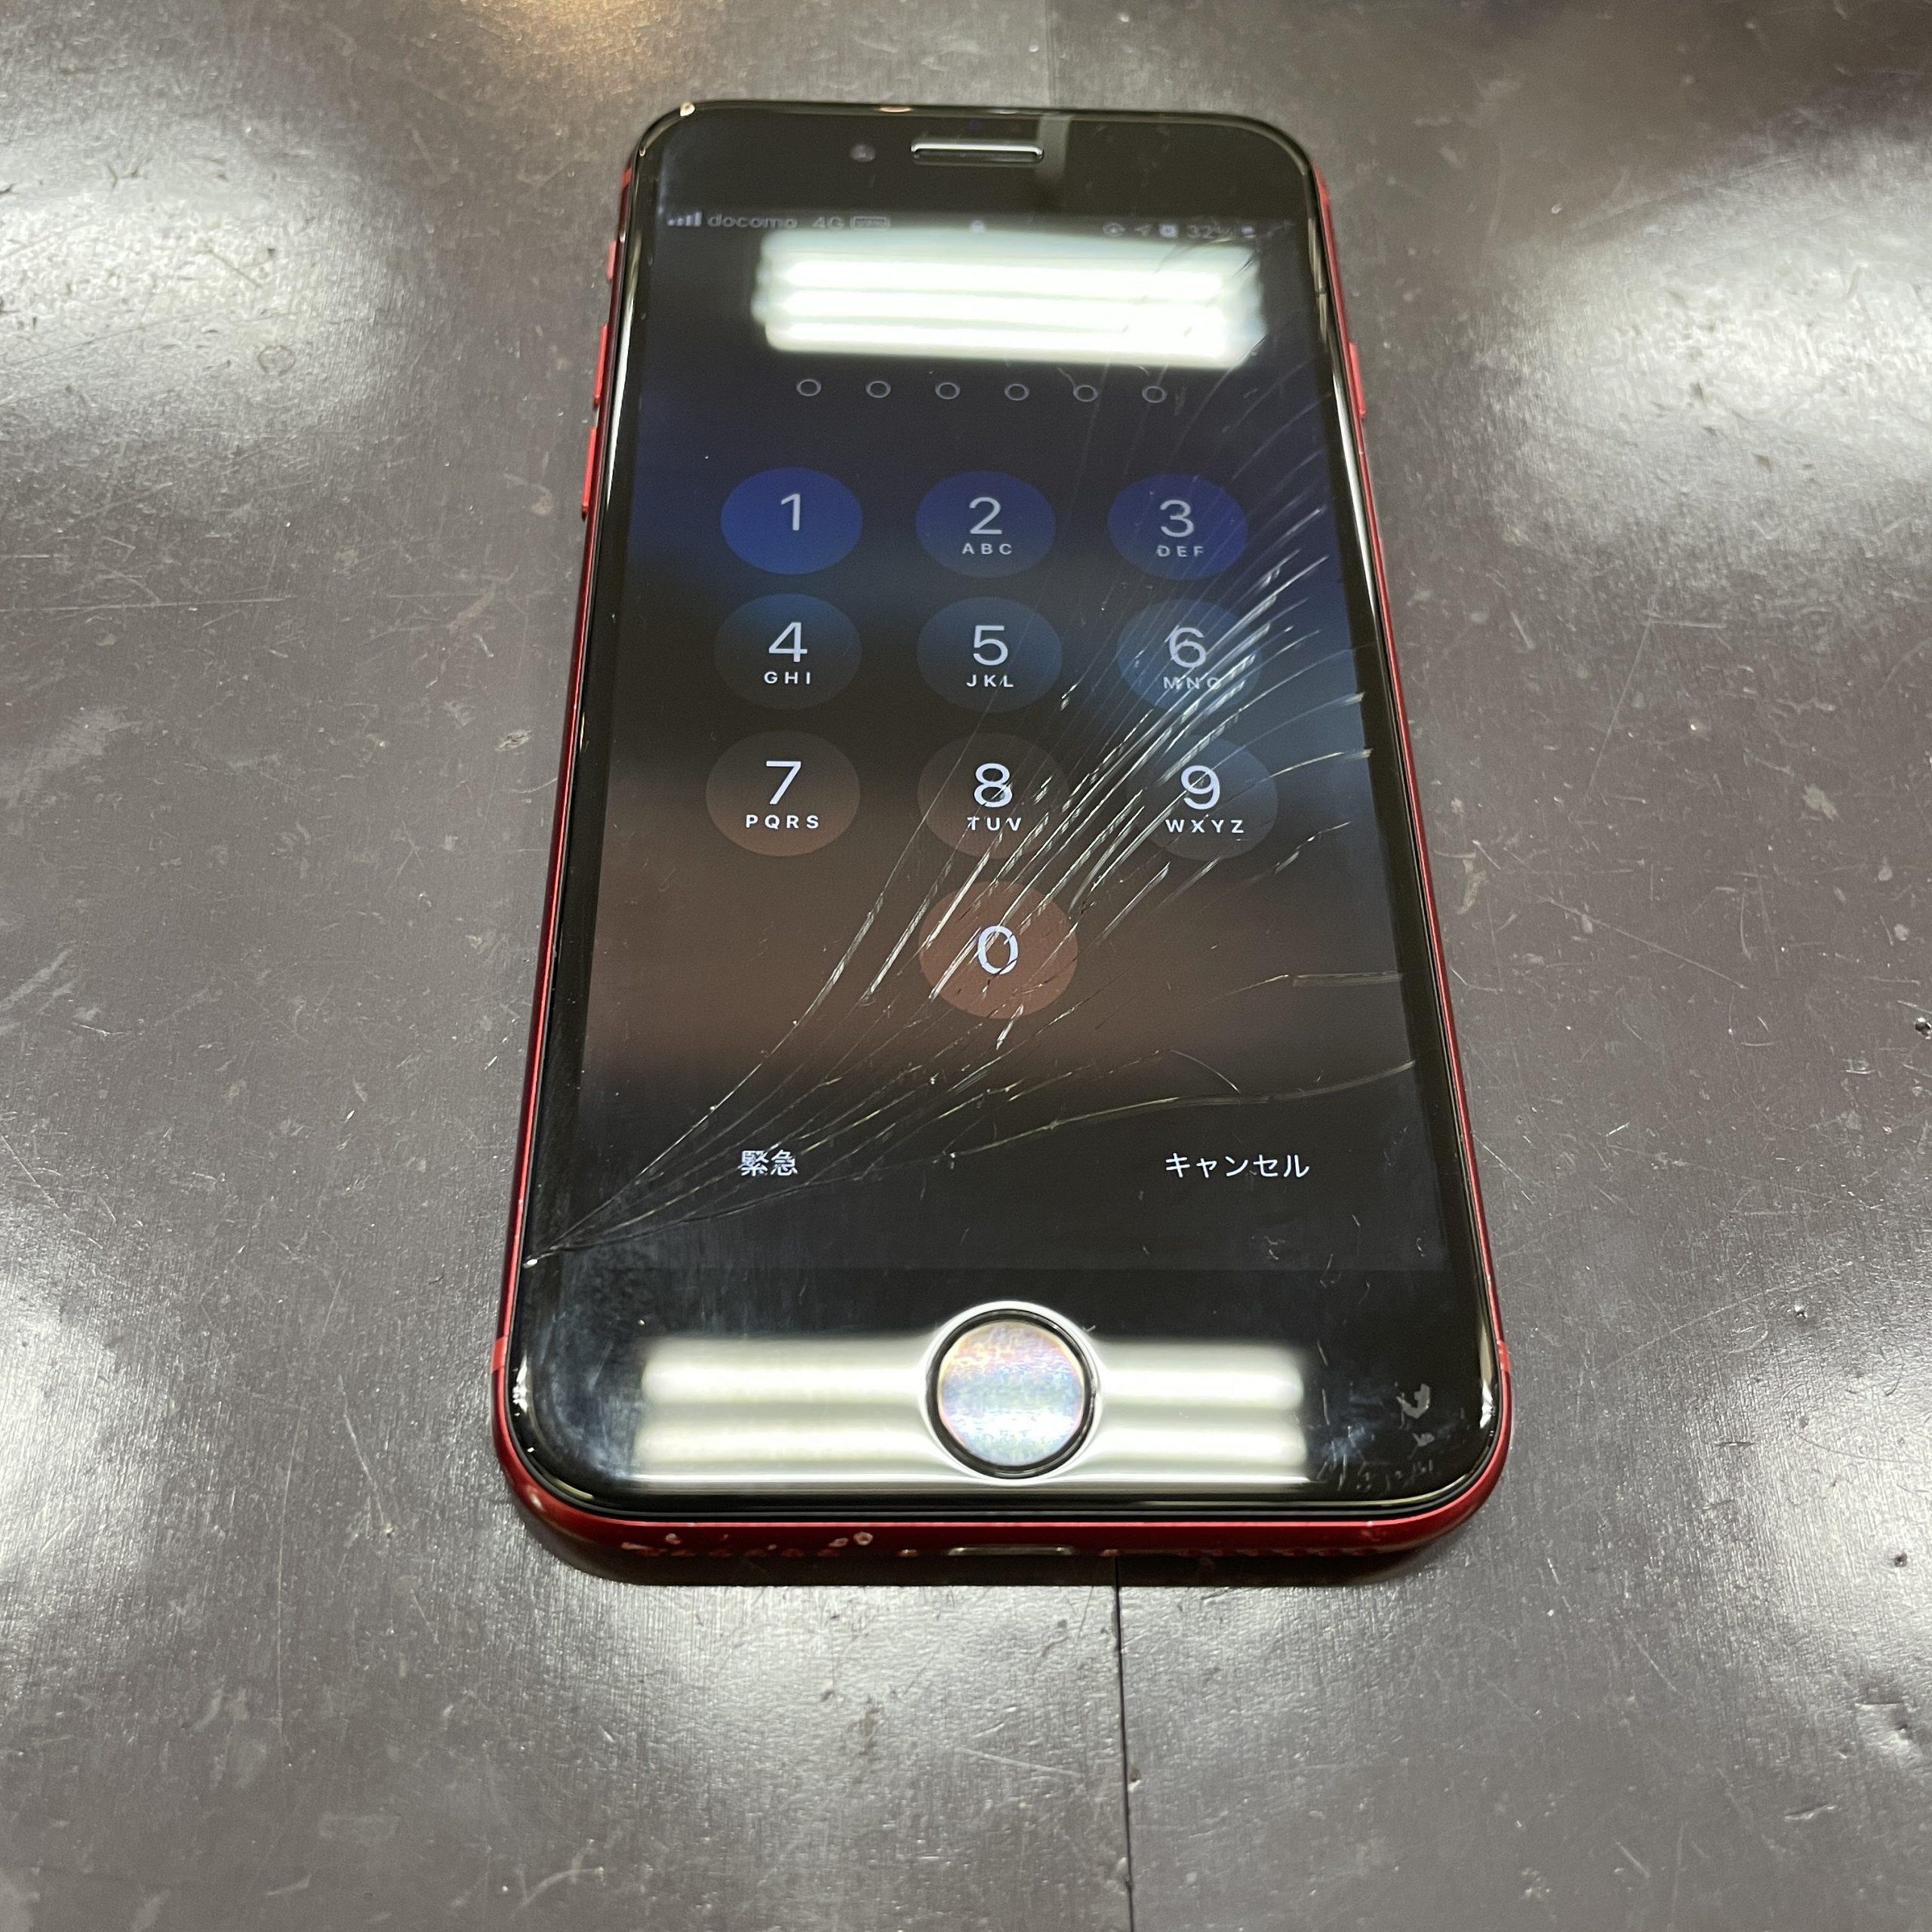 片羽のようなヒビが入りました😭💦【iPhone 8|佐賀市大和町よりご来店】